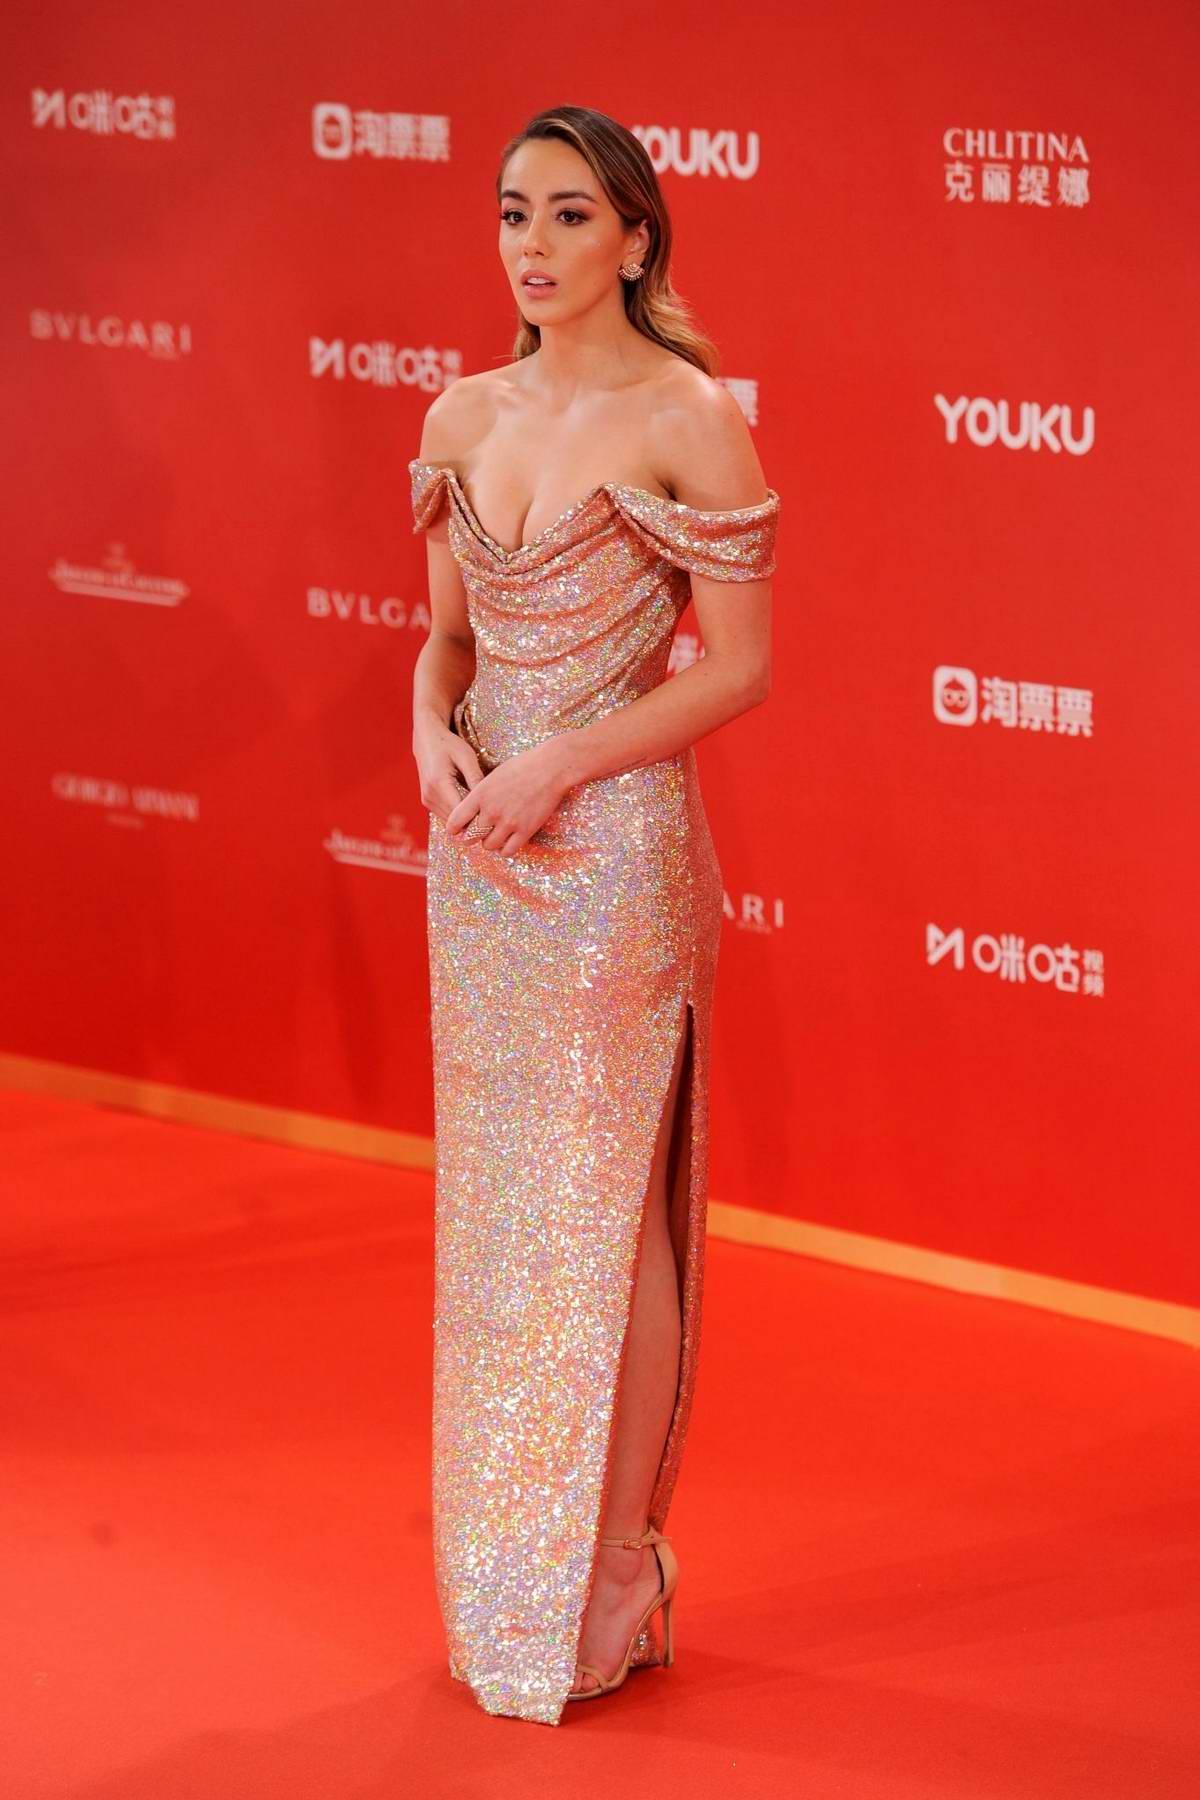 Chloe Bennet attends the Golden Goblet Awards Ceremony of the Shanghai International Film Festival in Shanghai, China